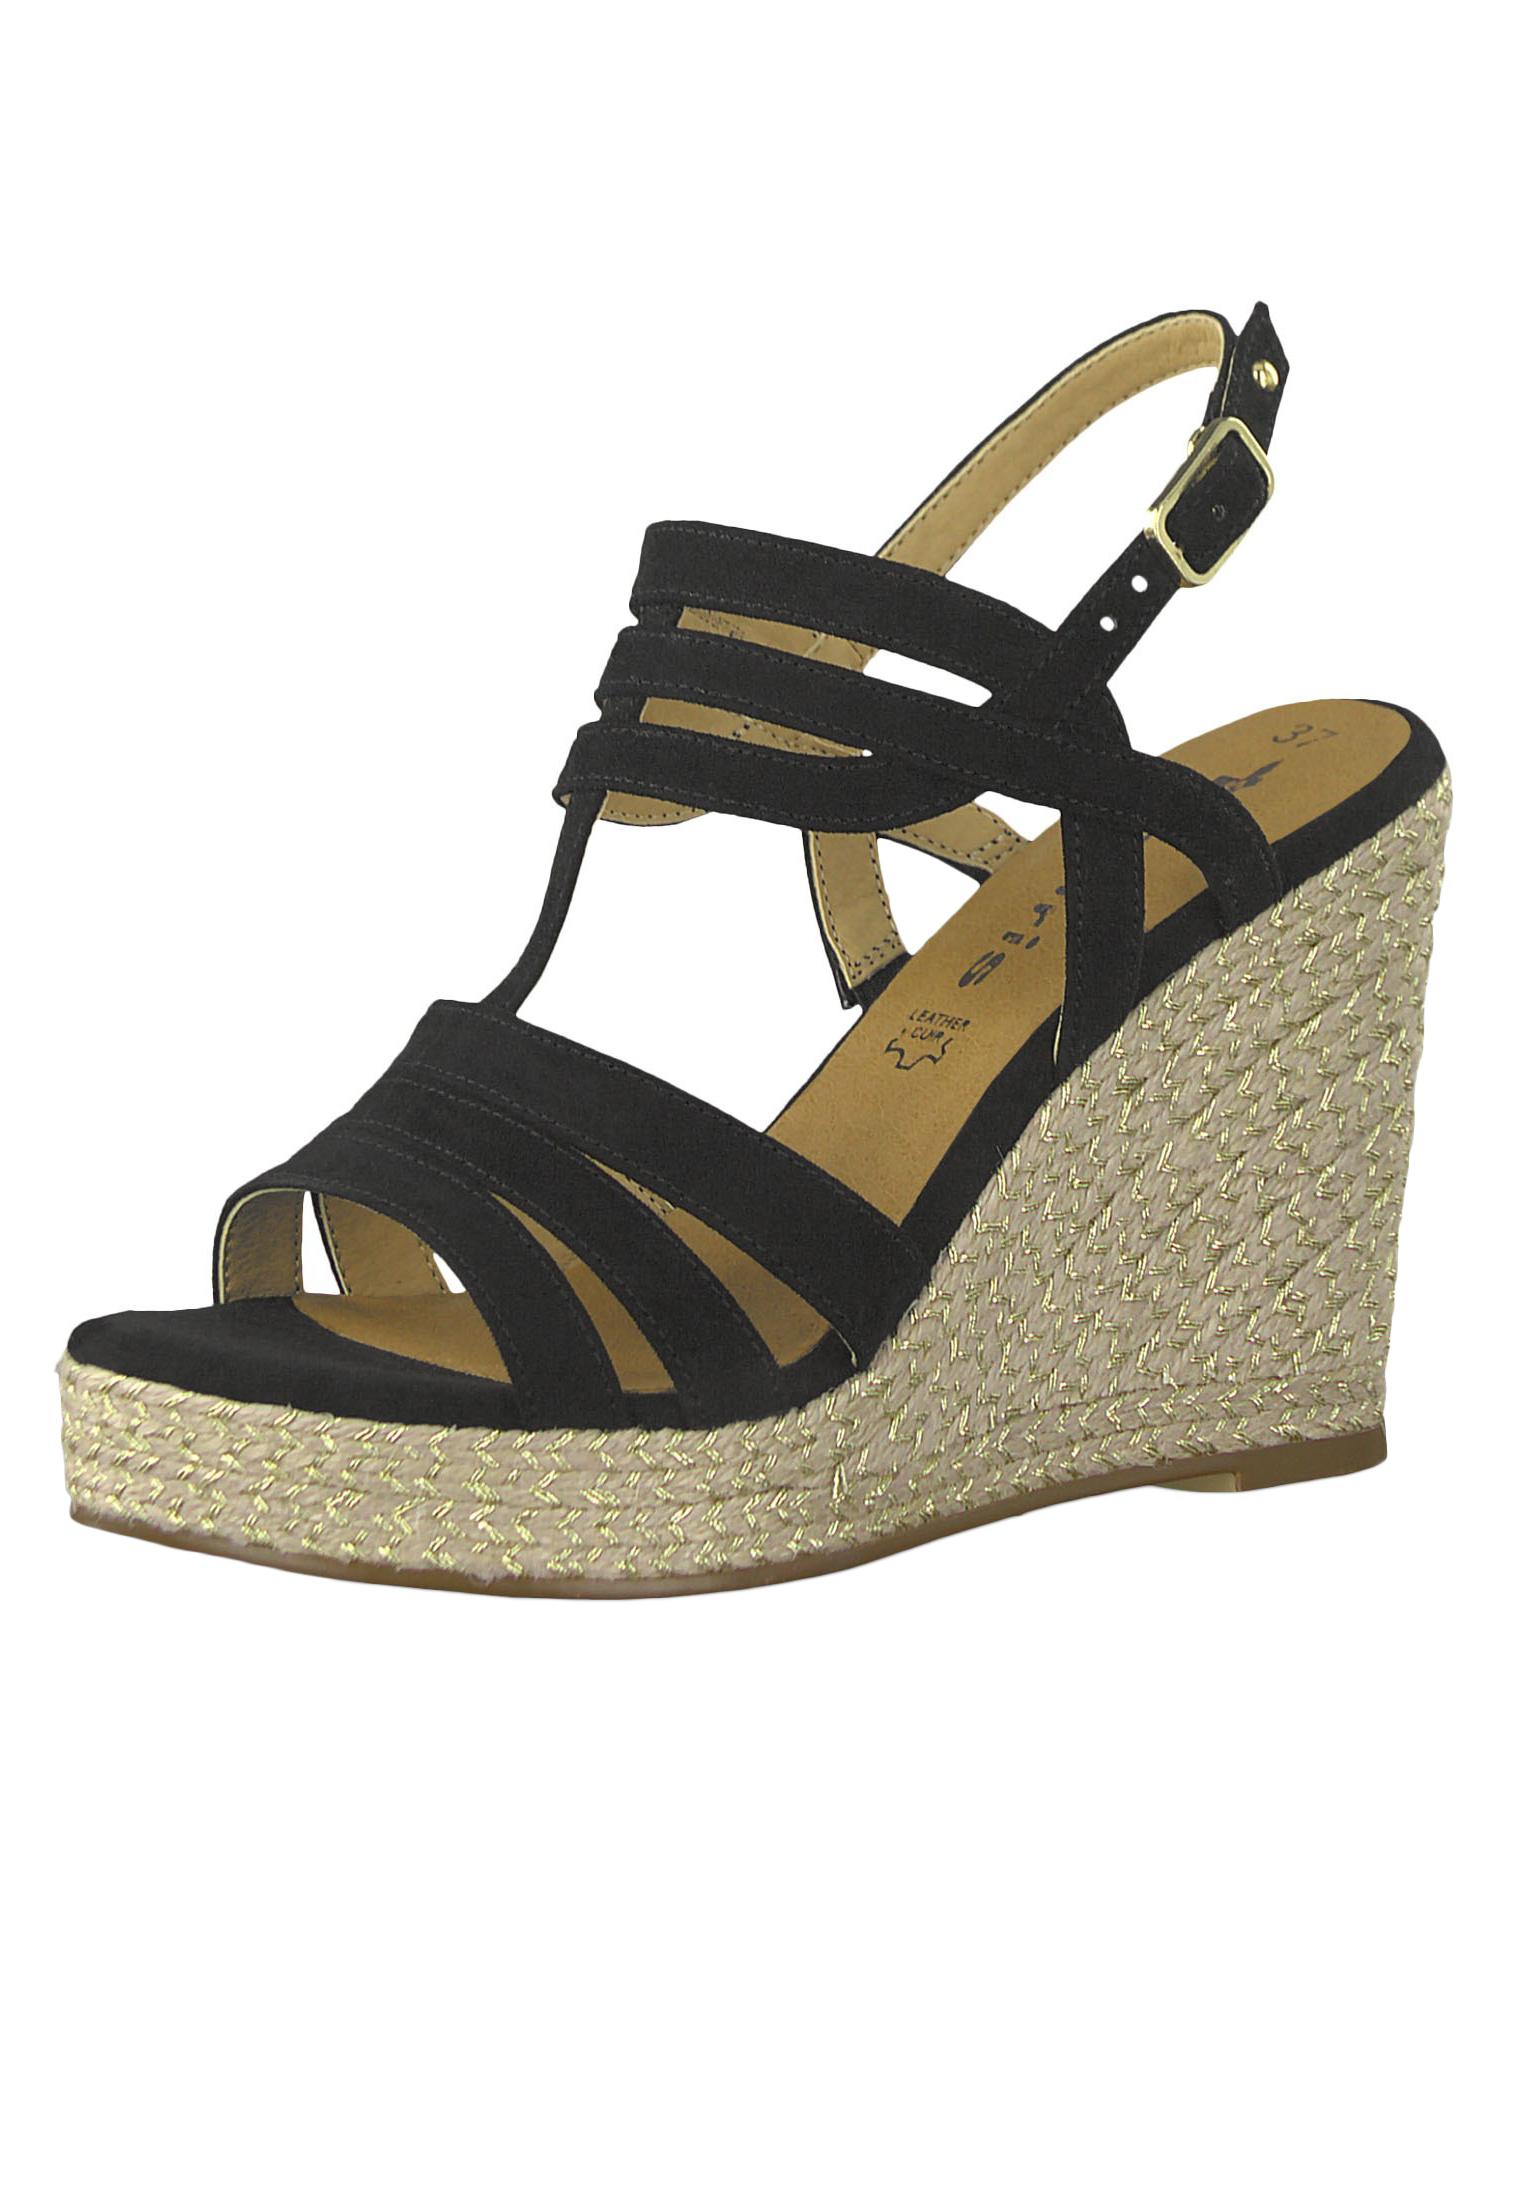 Tamaris 1 28372 22 001 Damen Black Schwarz Wedge Platform Sandals Sandaletten